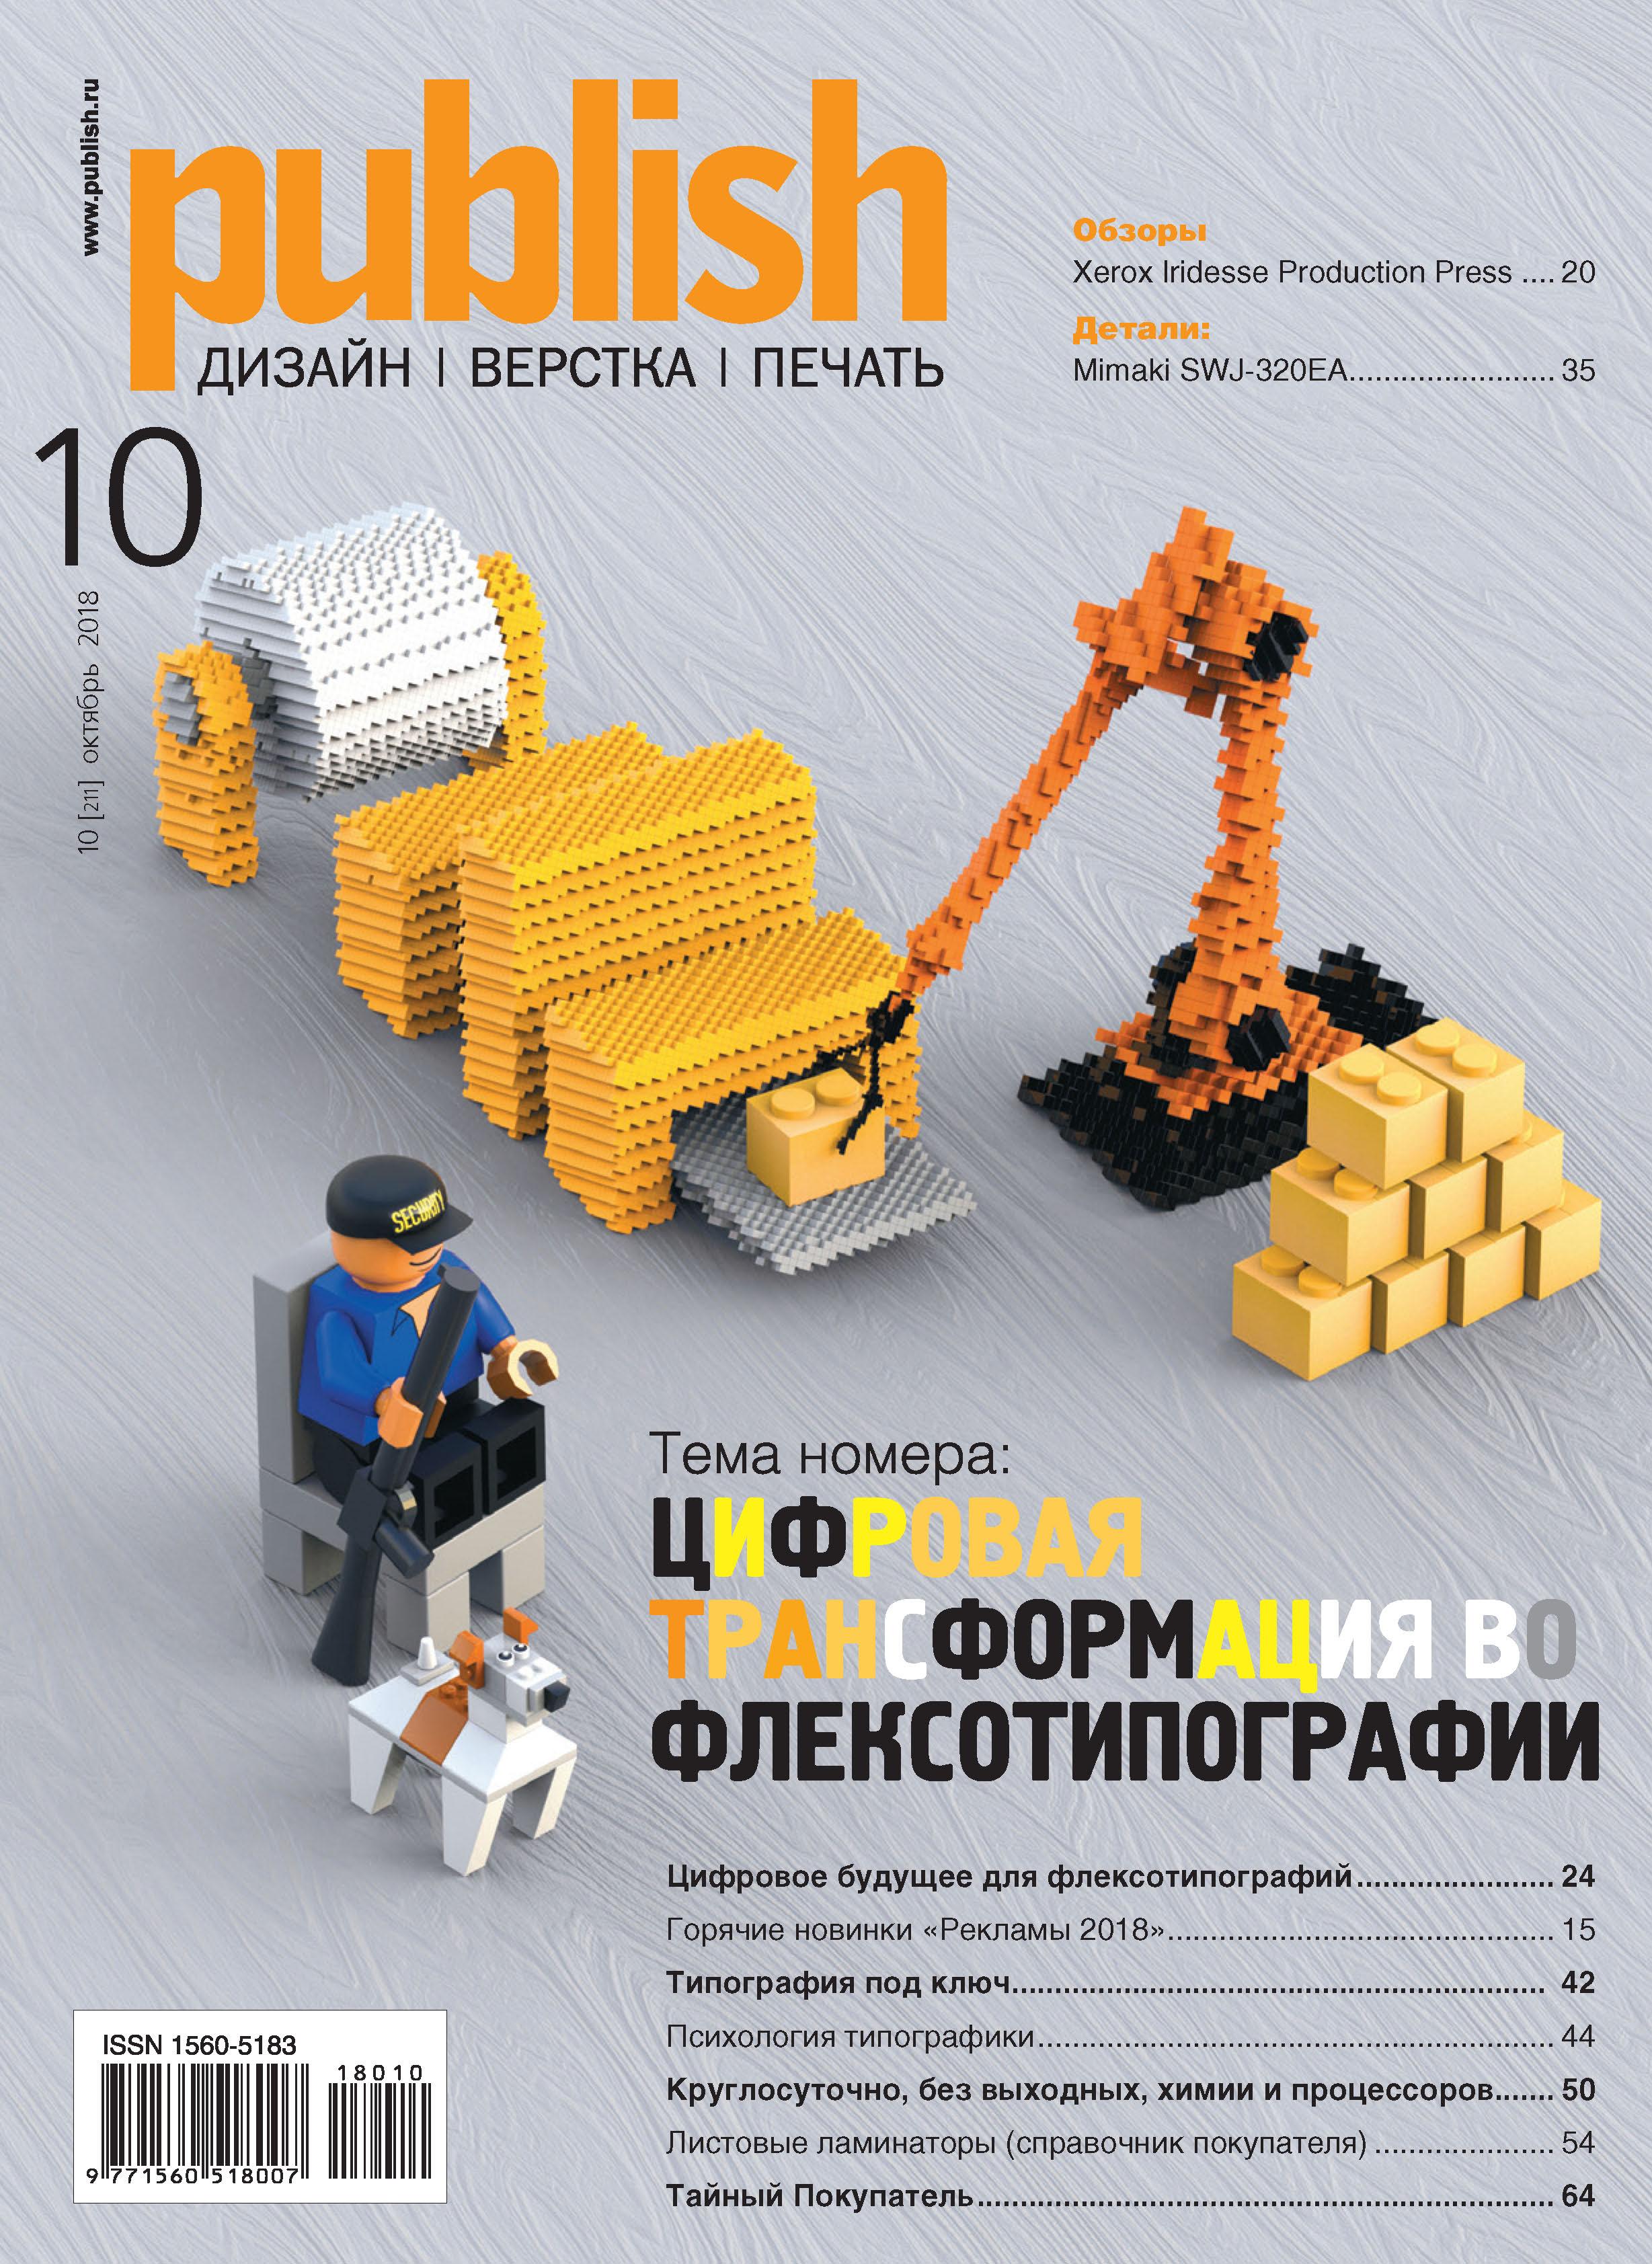 Открытые системы Журнал Publish №10/2018 открытые системы журнал publish 09 2018